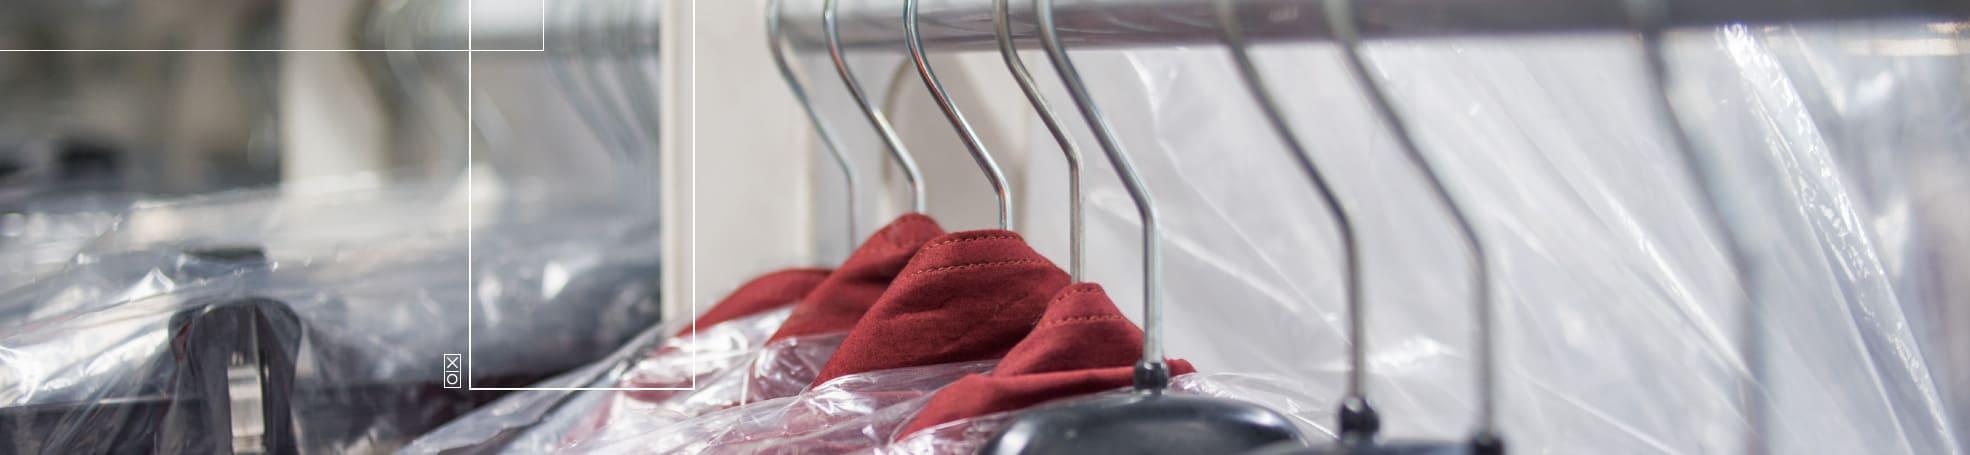 Entrepot-textile-Paris